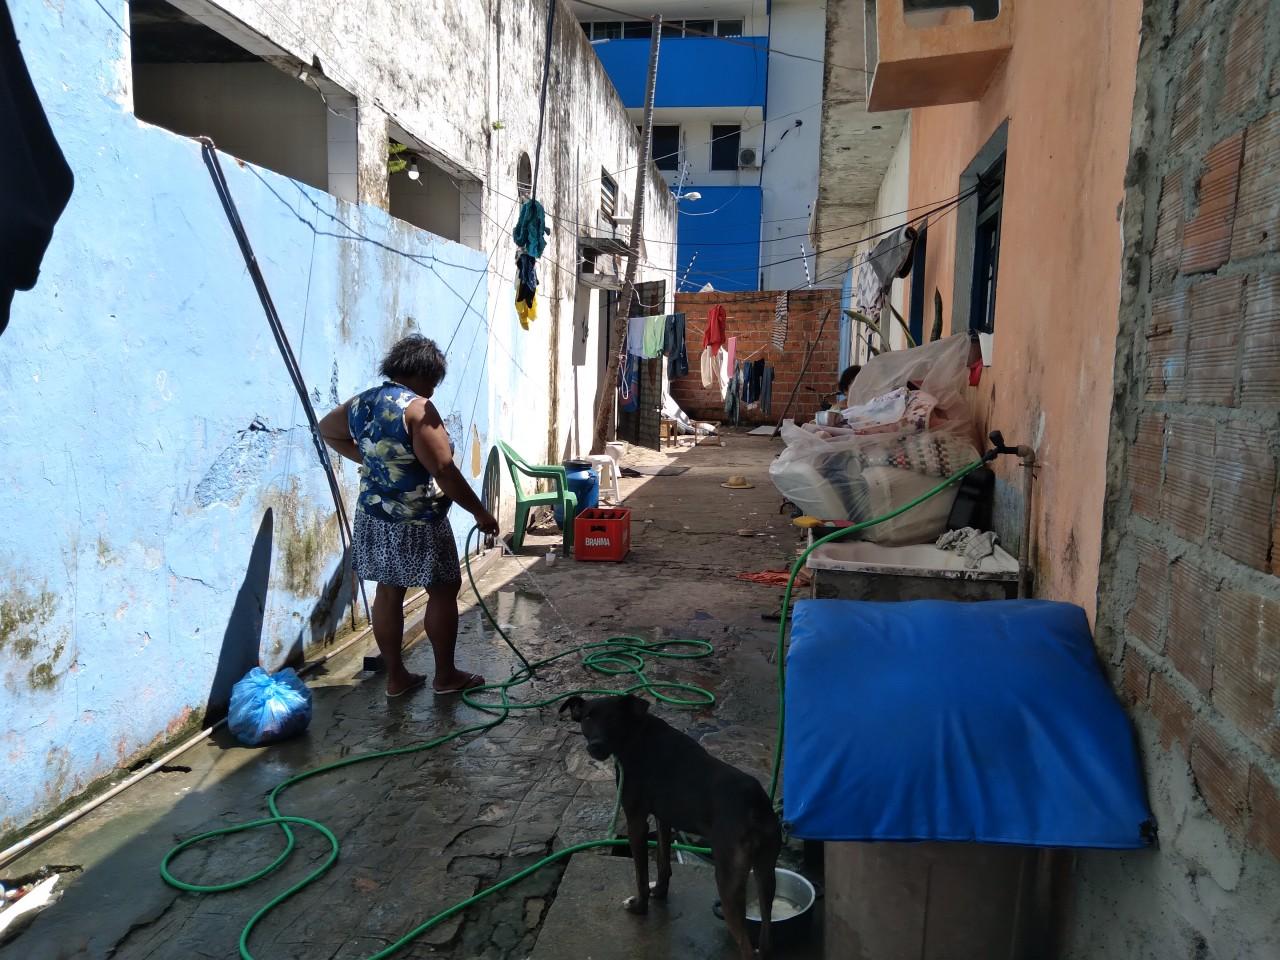 20210608 112149 - MOVIMENTO TERRA LIVRE: sem-tetos ocupam prédio do antigo jornal O Norte e explicam situação de vulnerabilidade; local poderá ser leiloado